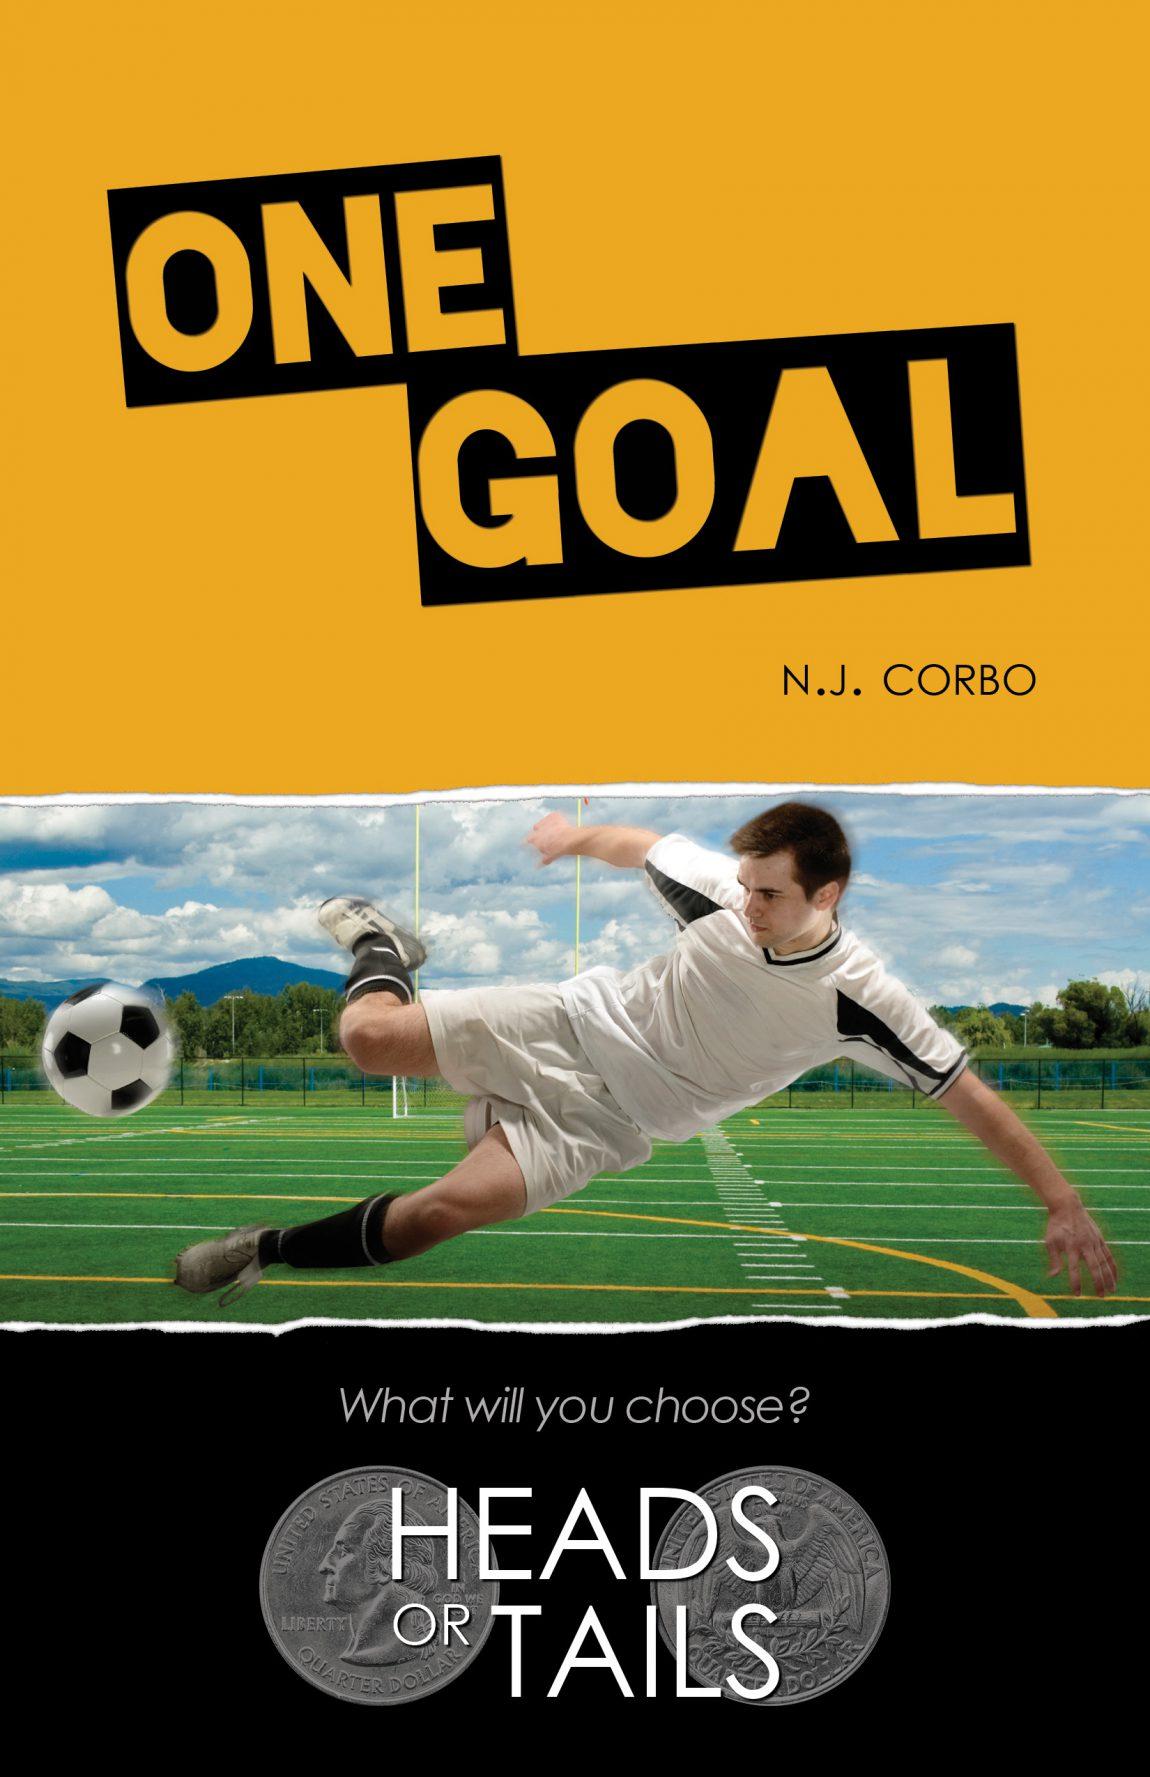 One-Goal-1.jpg